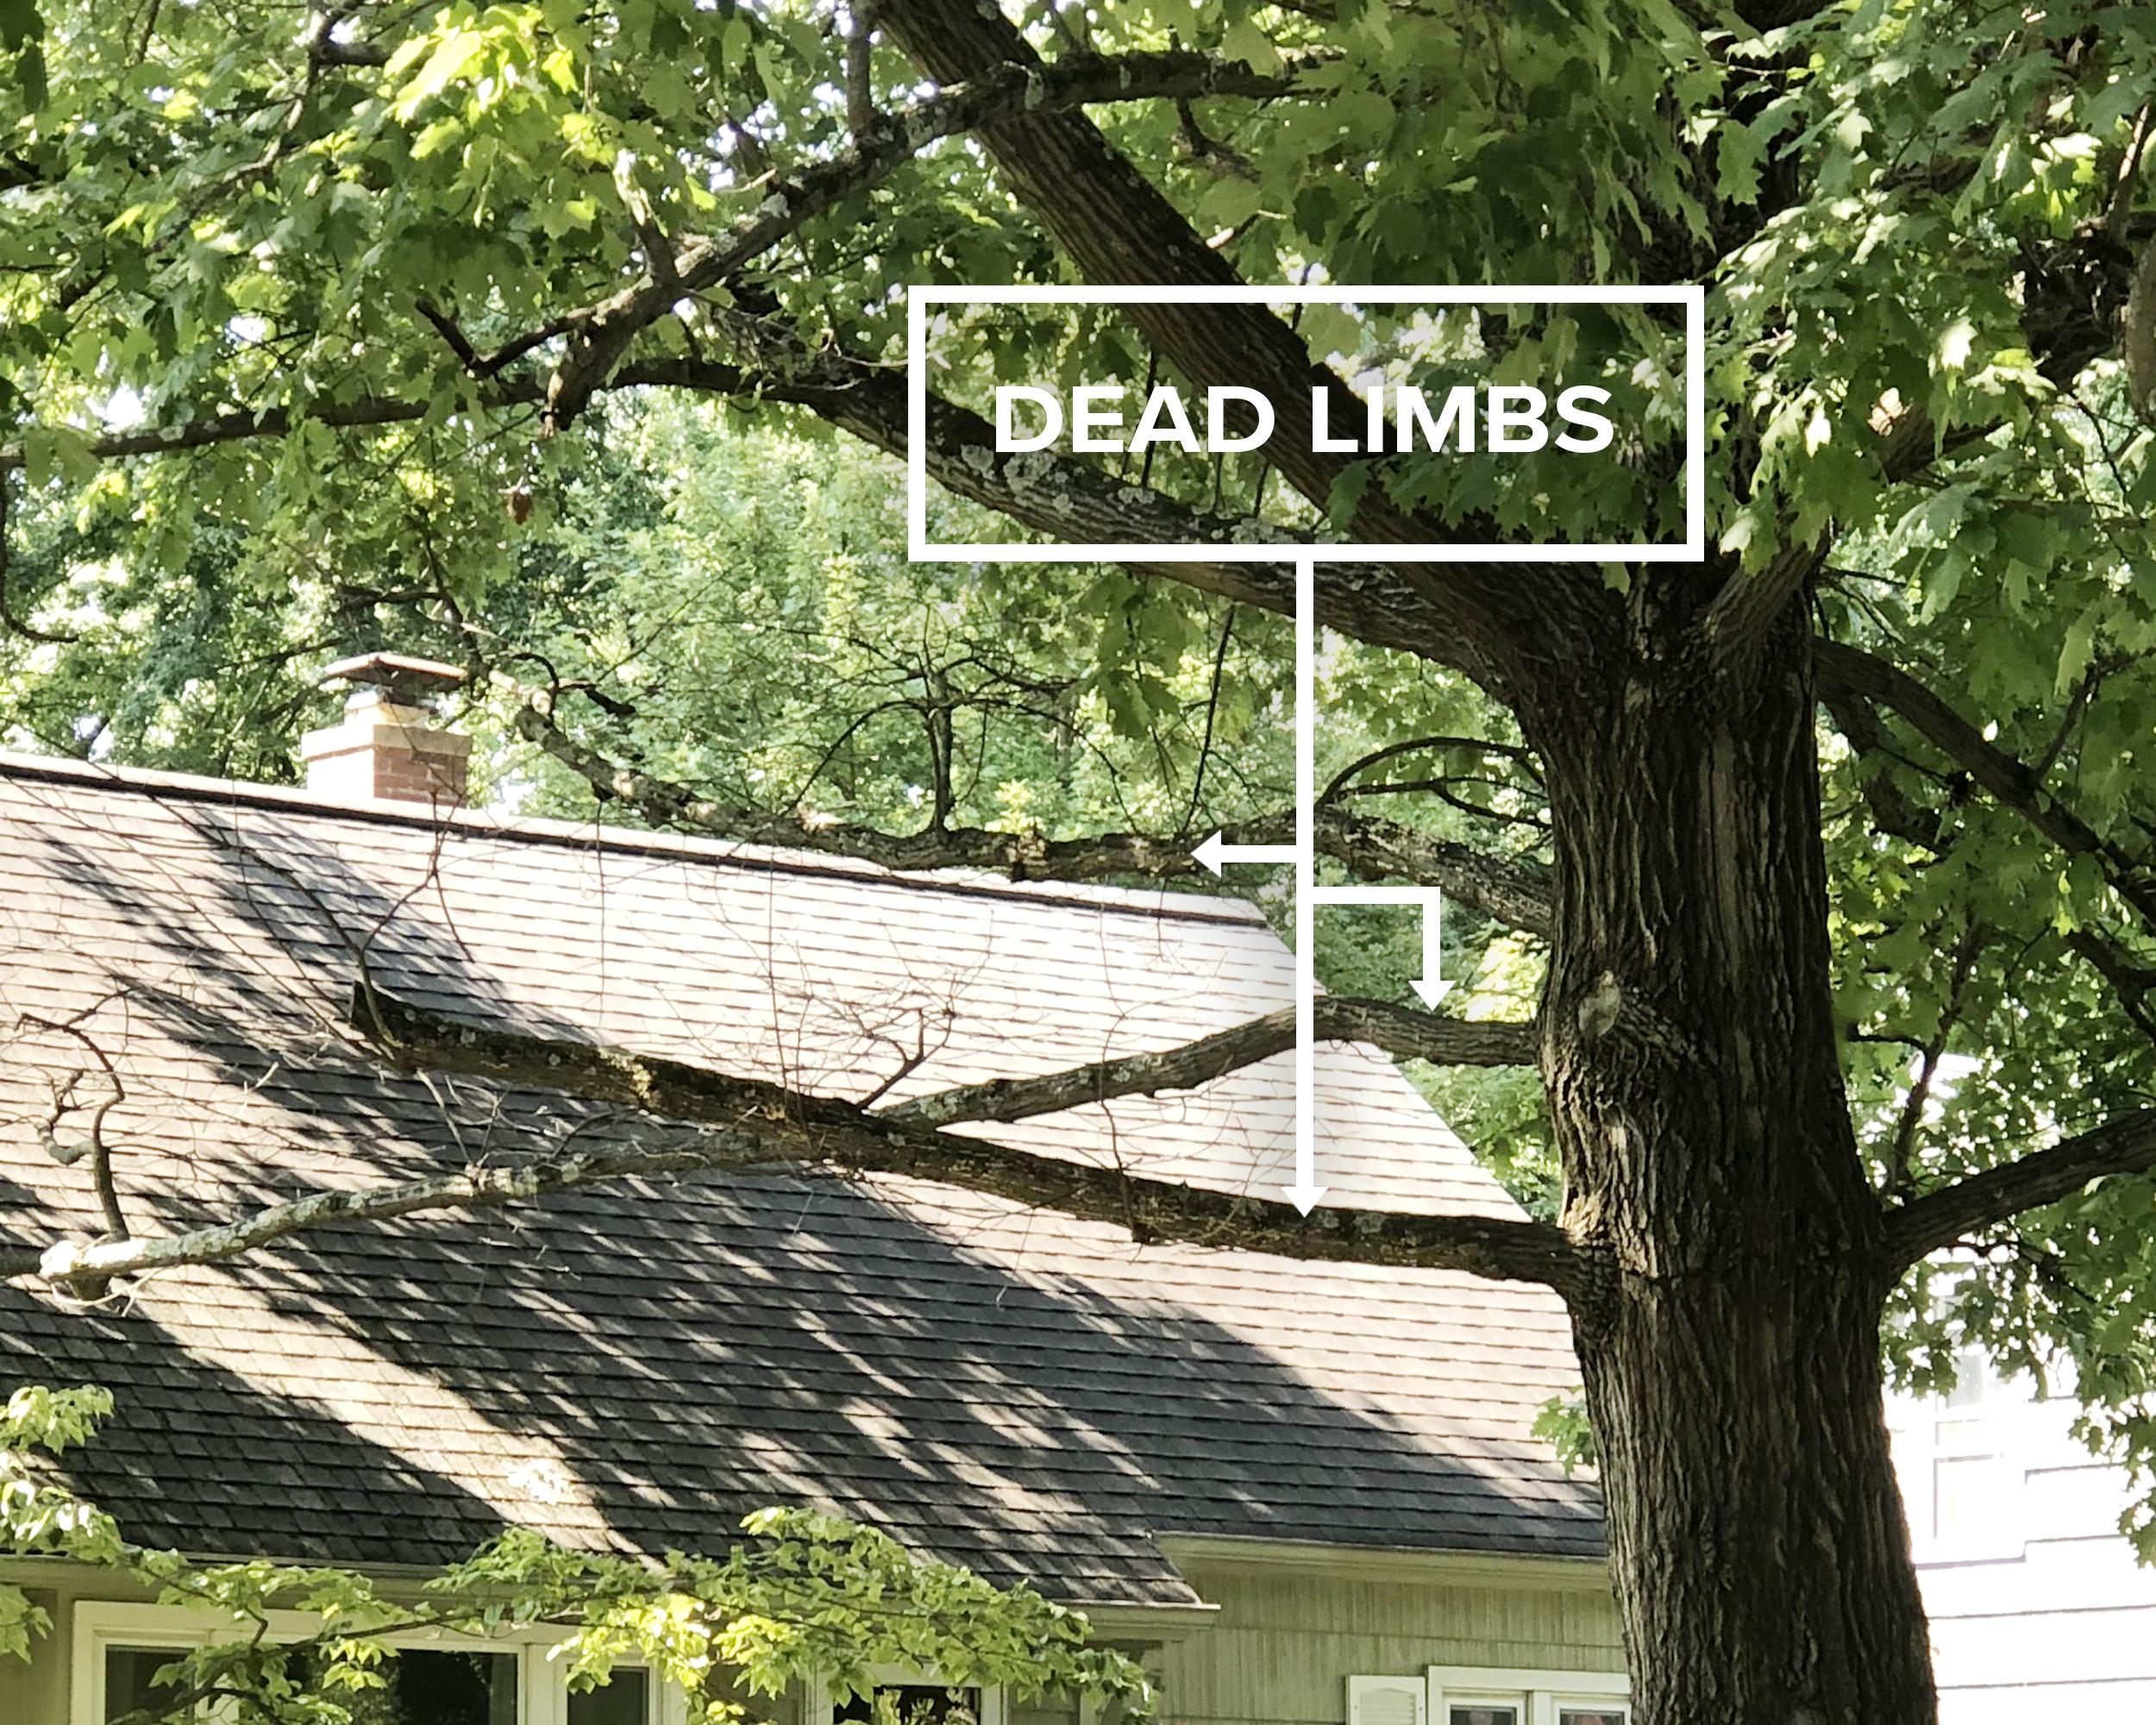 dead-limbs-over-house.jpg